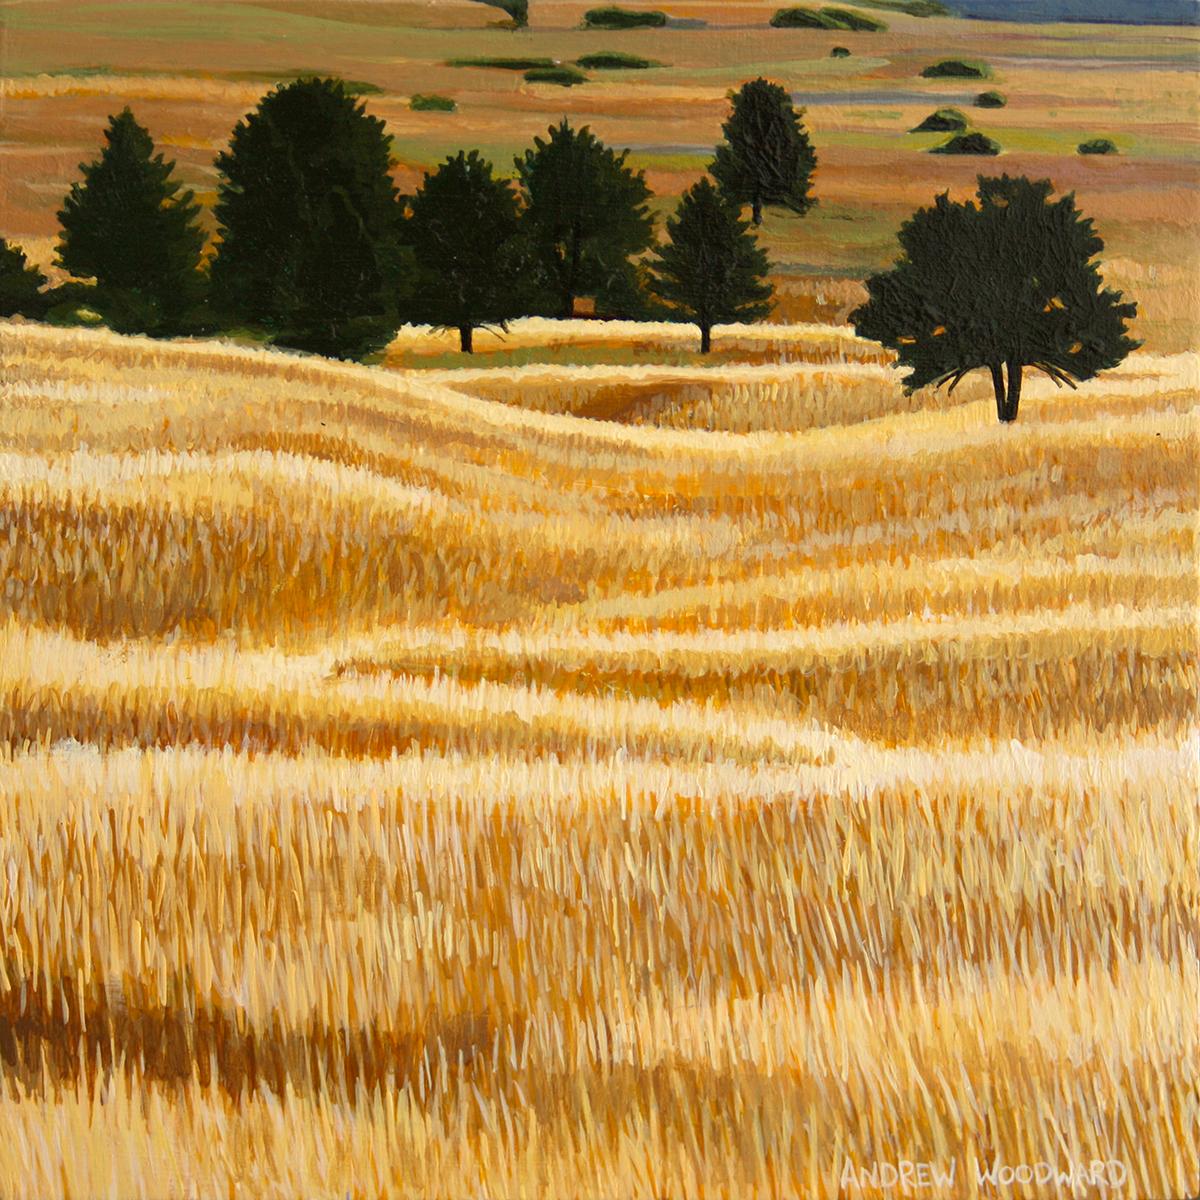 Sunlit Fields